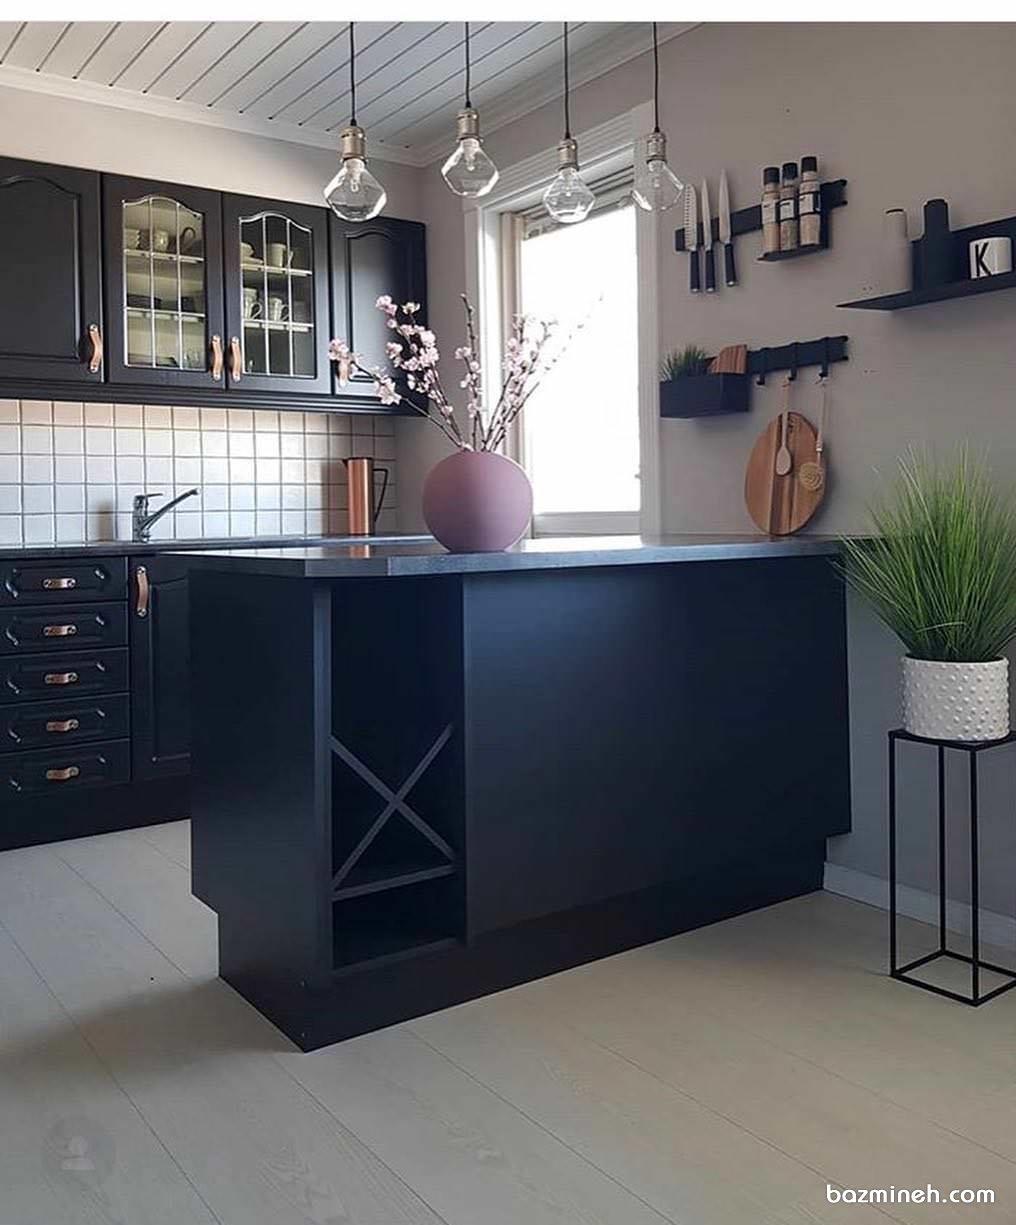 دکوراسیون و چیدمان آشپزخانه به سبک مدرن